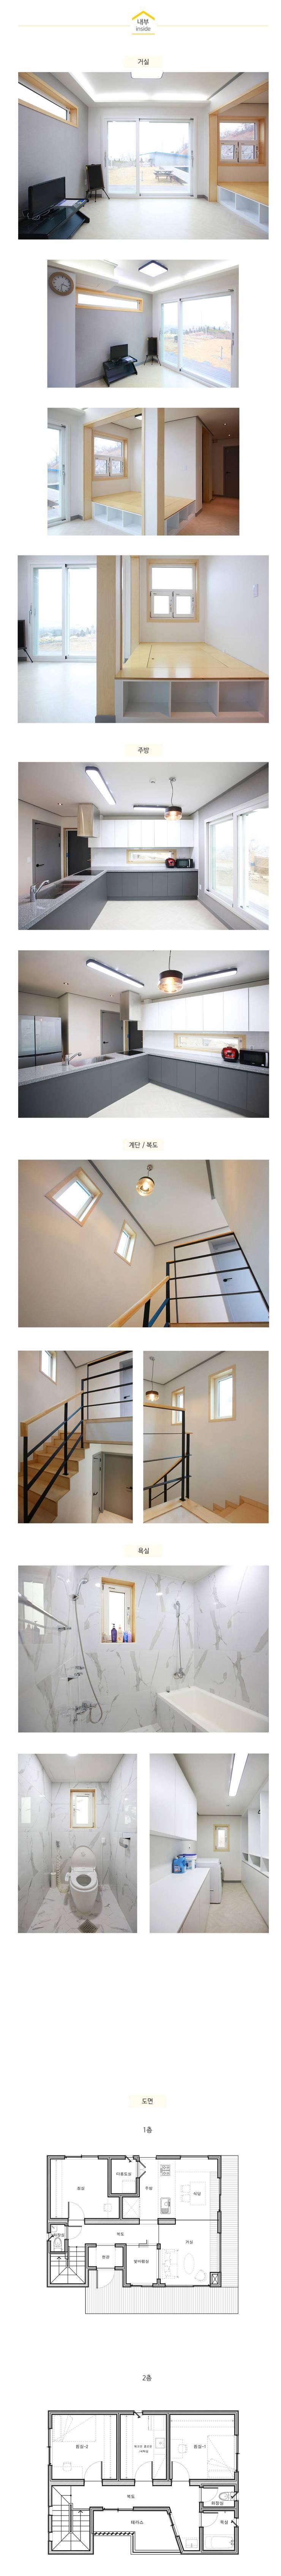 수영장 있는 펜션같은 전원주택_내부: 공간제작소(주)의  방